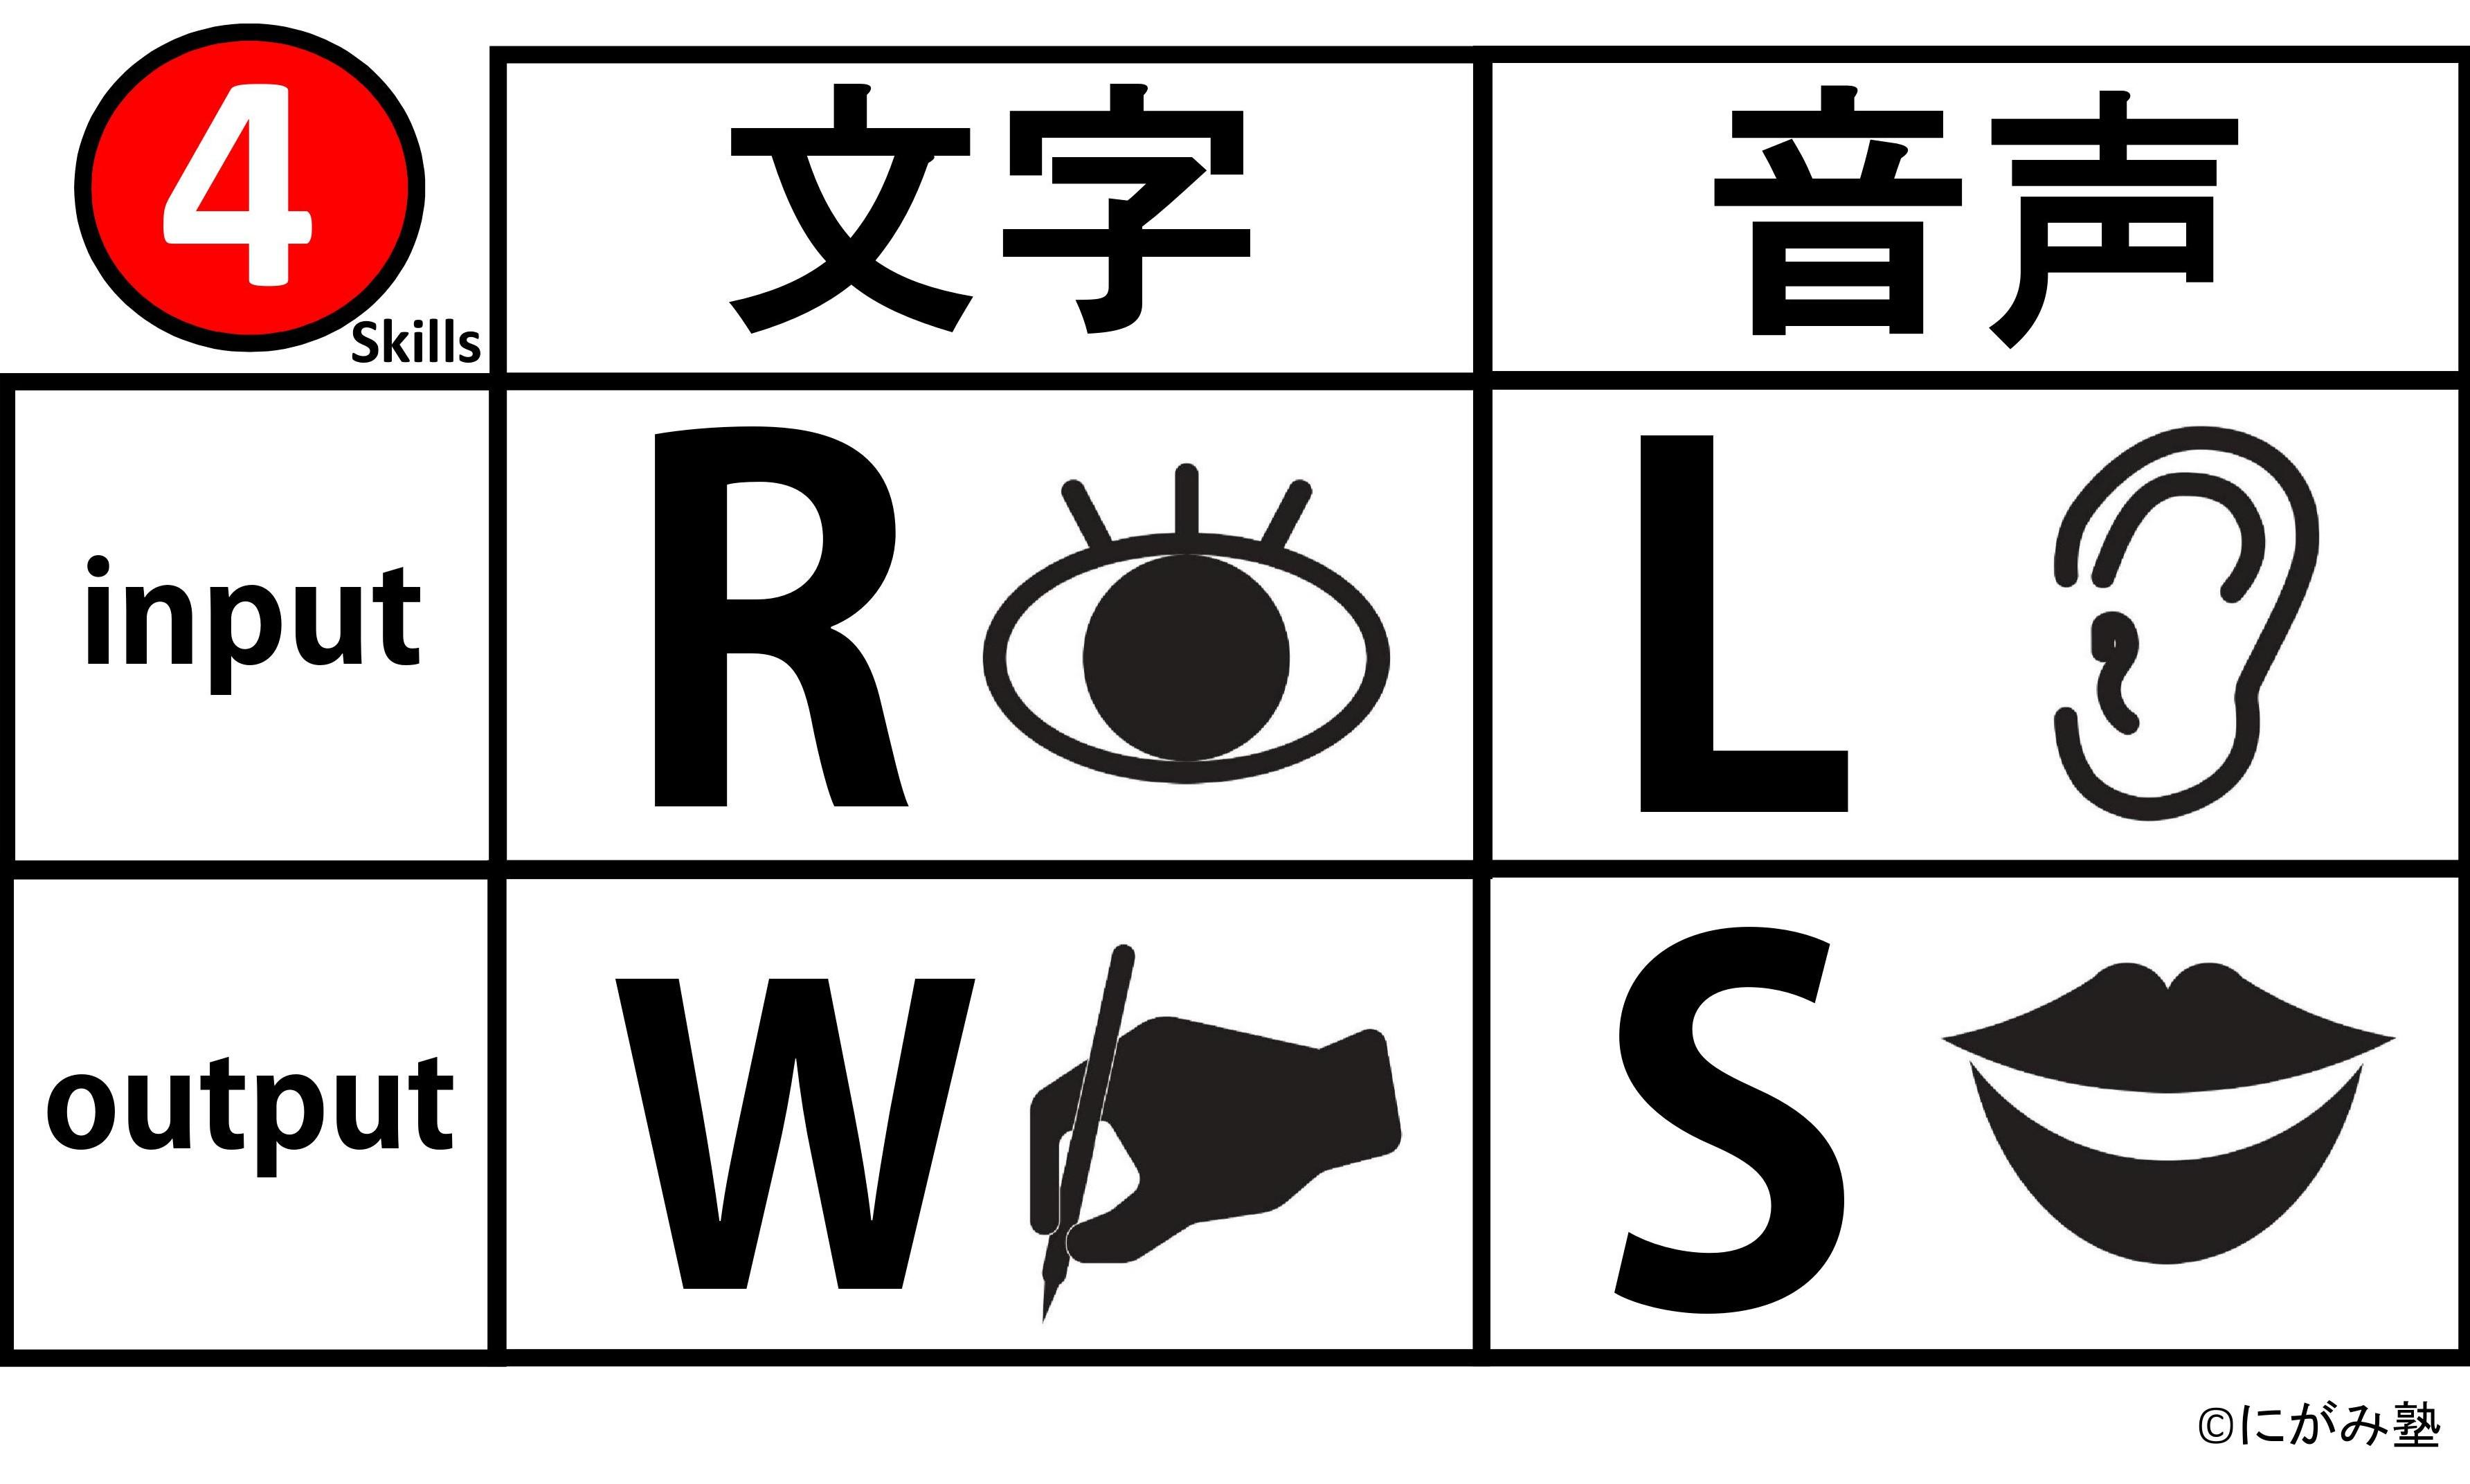 にがみ塾 4技能表